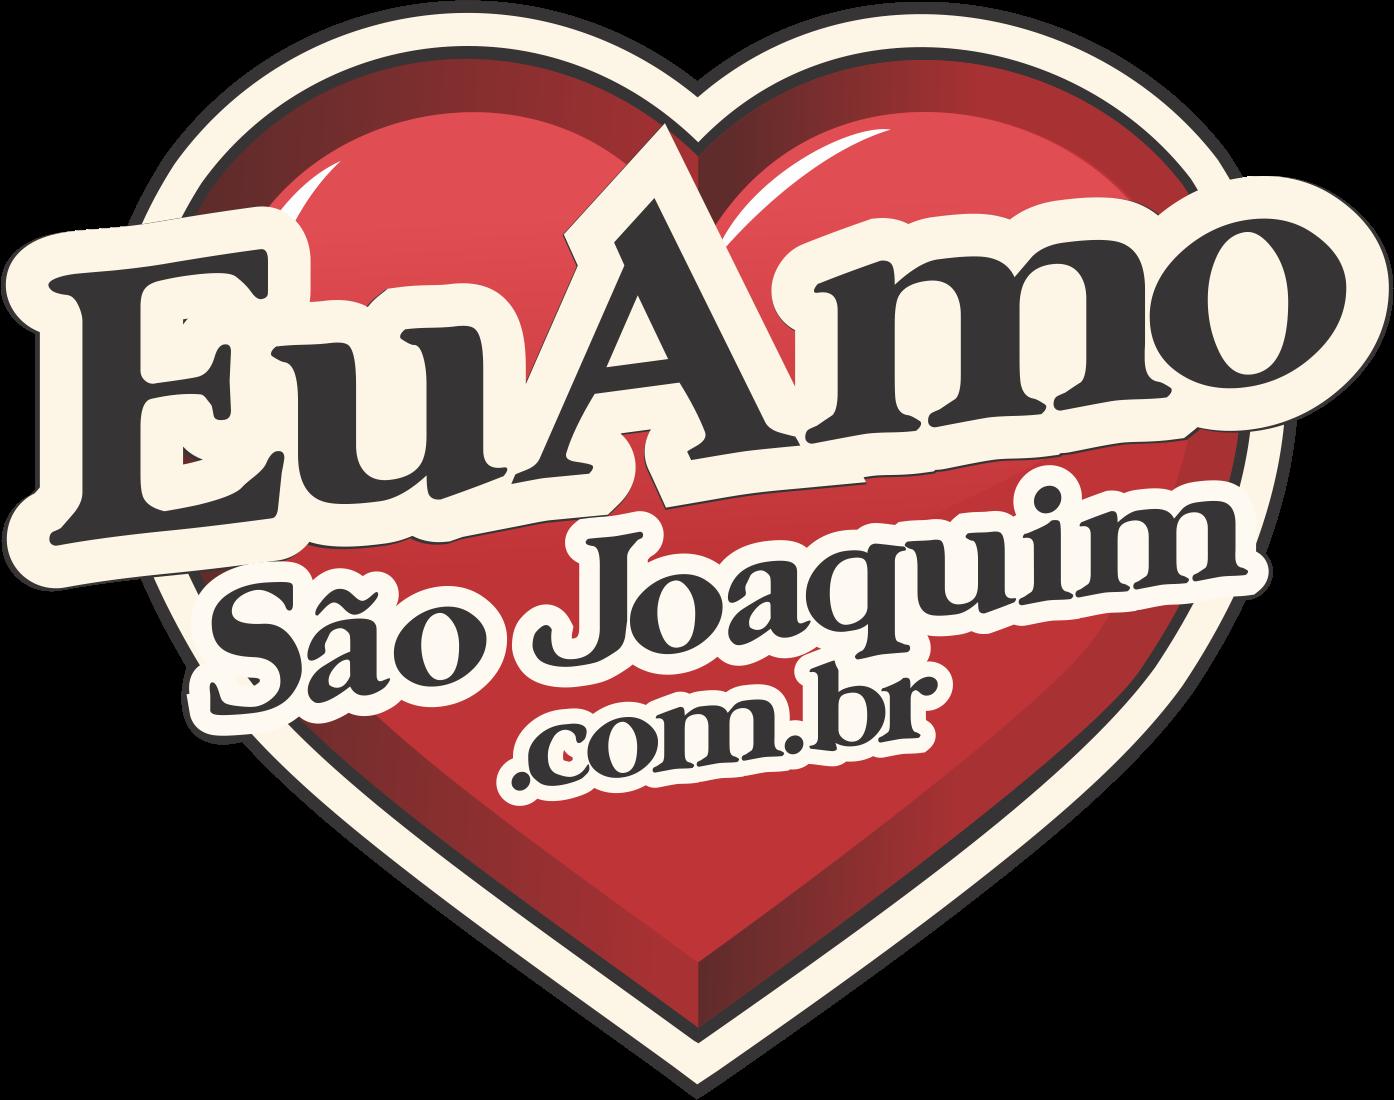 Eu amo São Joaquim